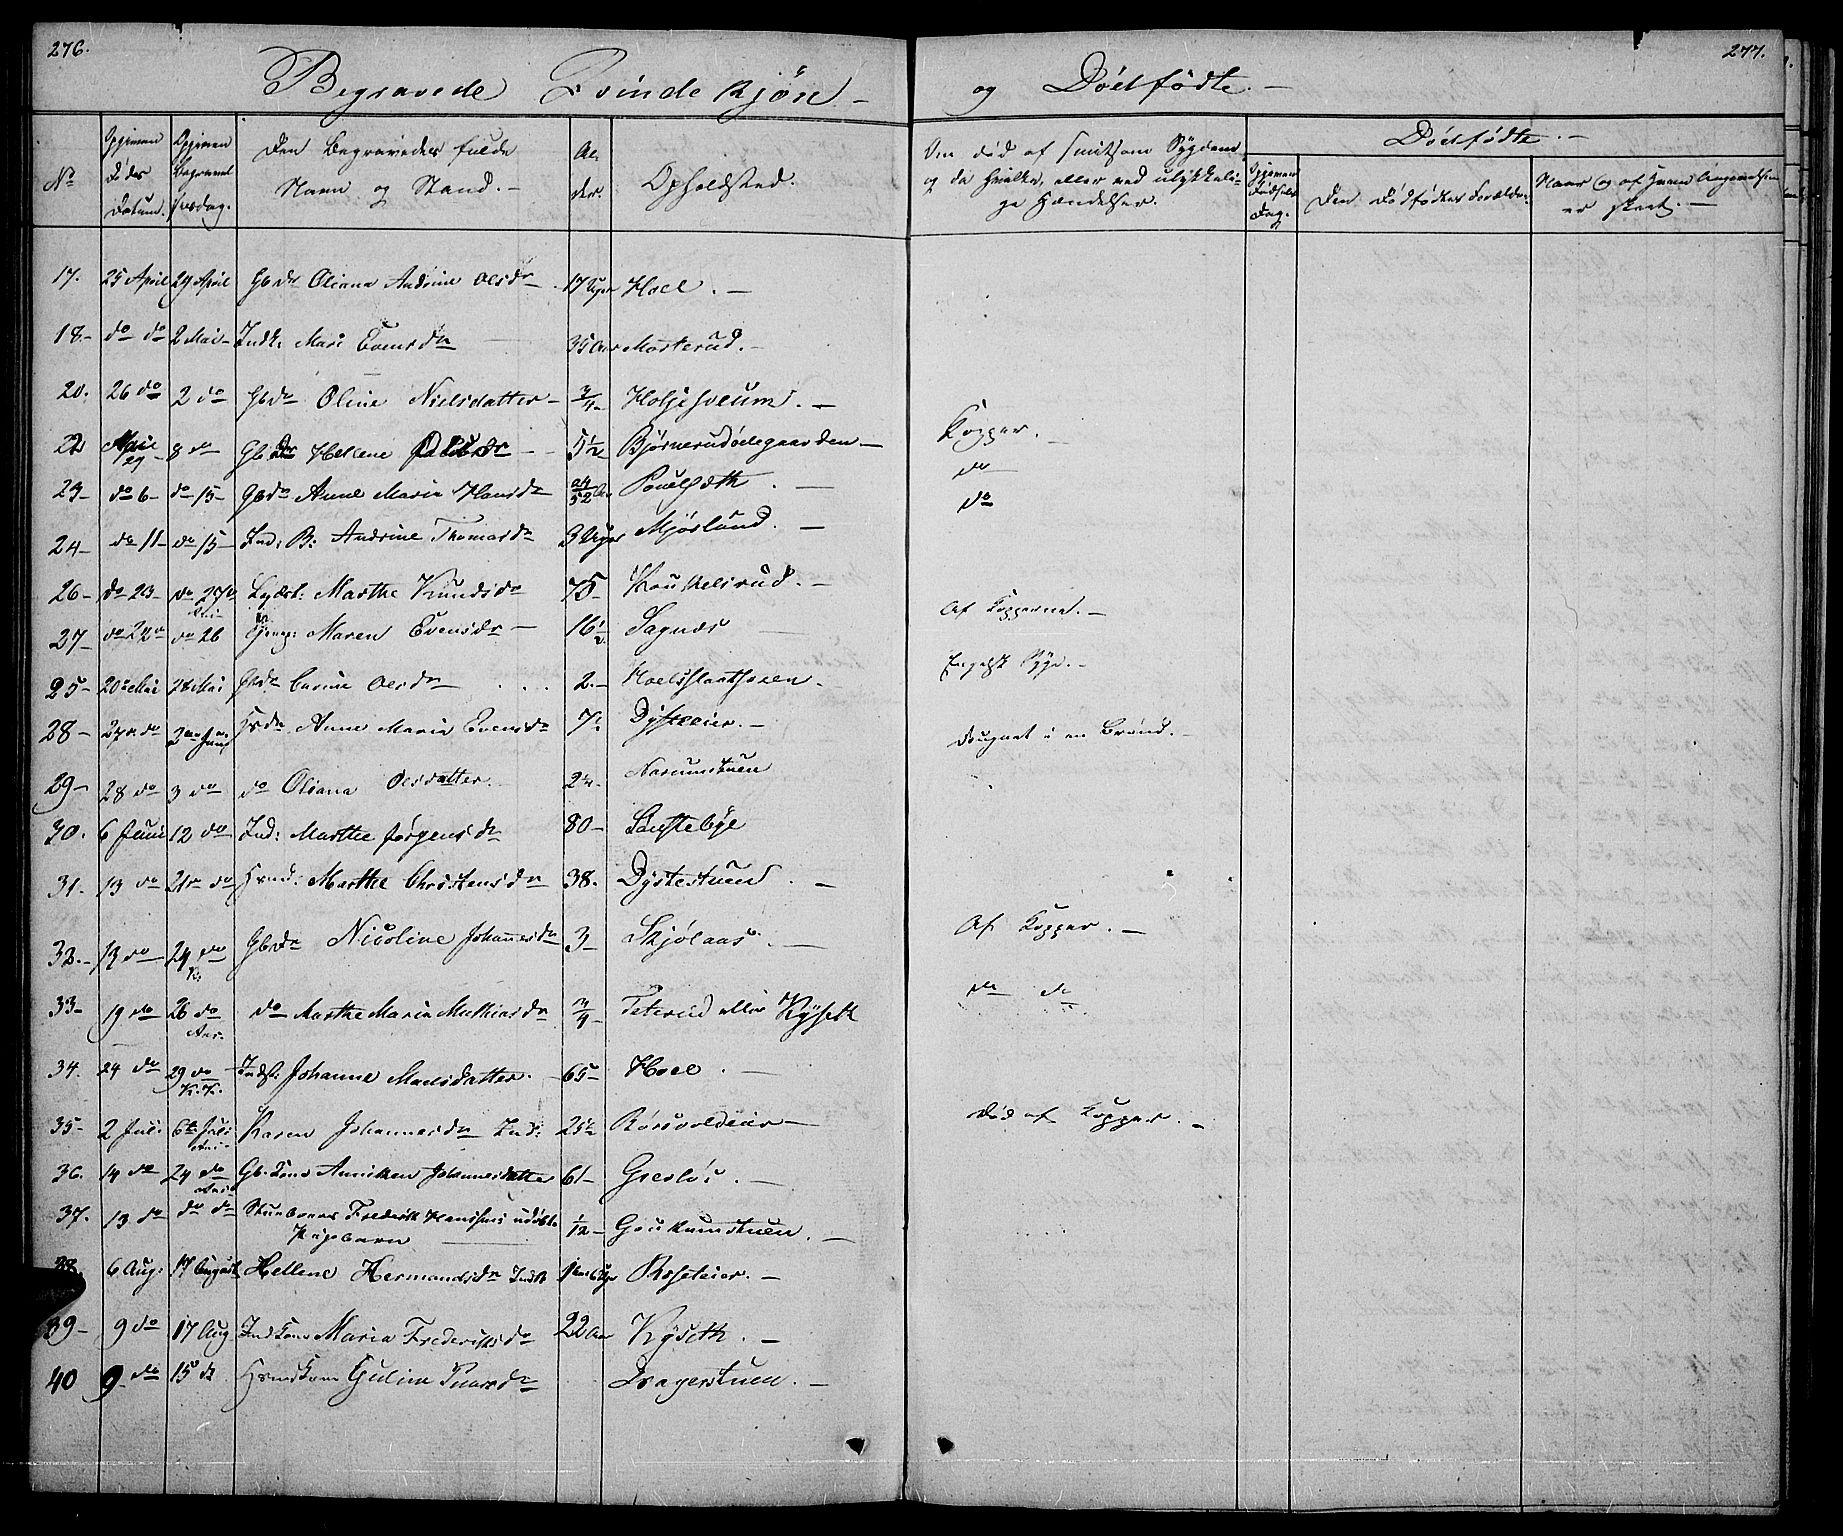 SAH, Vestre Toten prestekontor, Klokkerbok nr. 2, 1836-1848, s. 276-277